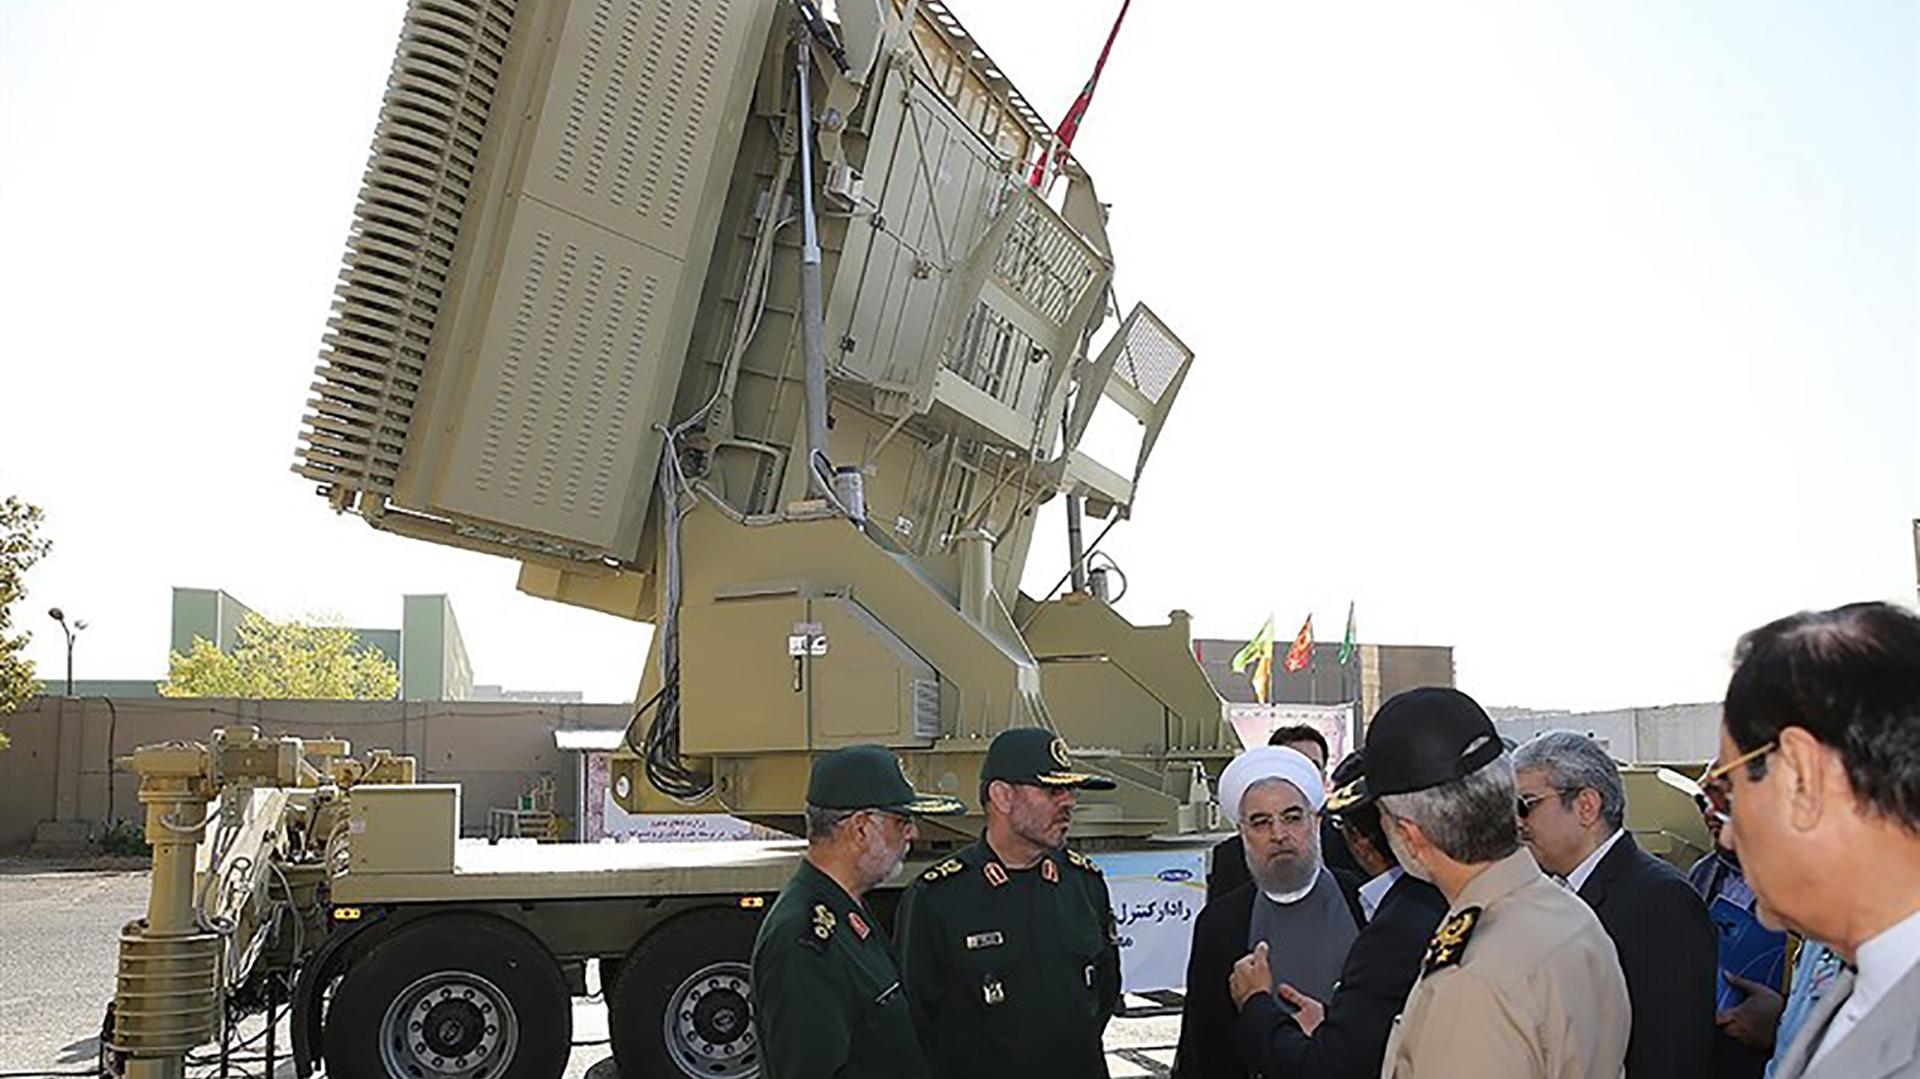 Una imagen de archivo muestra al presidente Rouhani inspeccionando el radar utilizado para lanzar los misiles Bavar 373 (Tasnim)